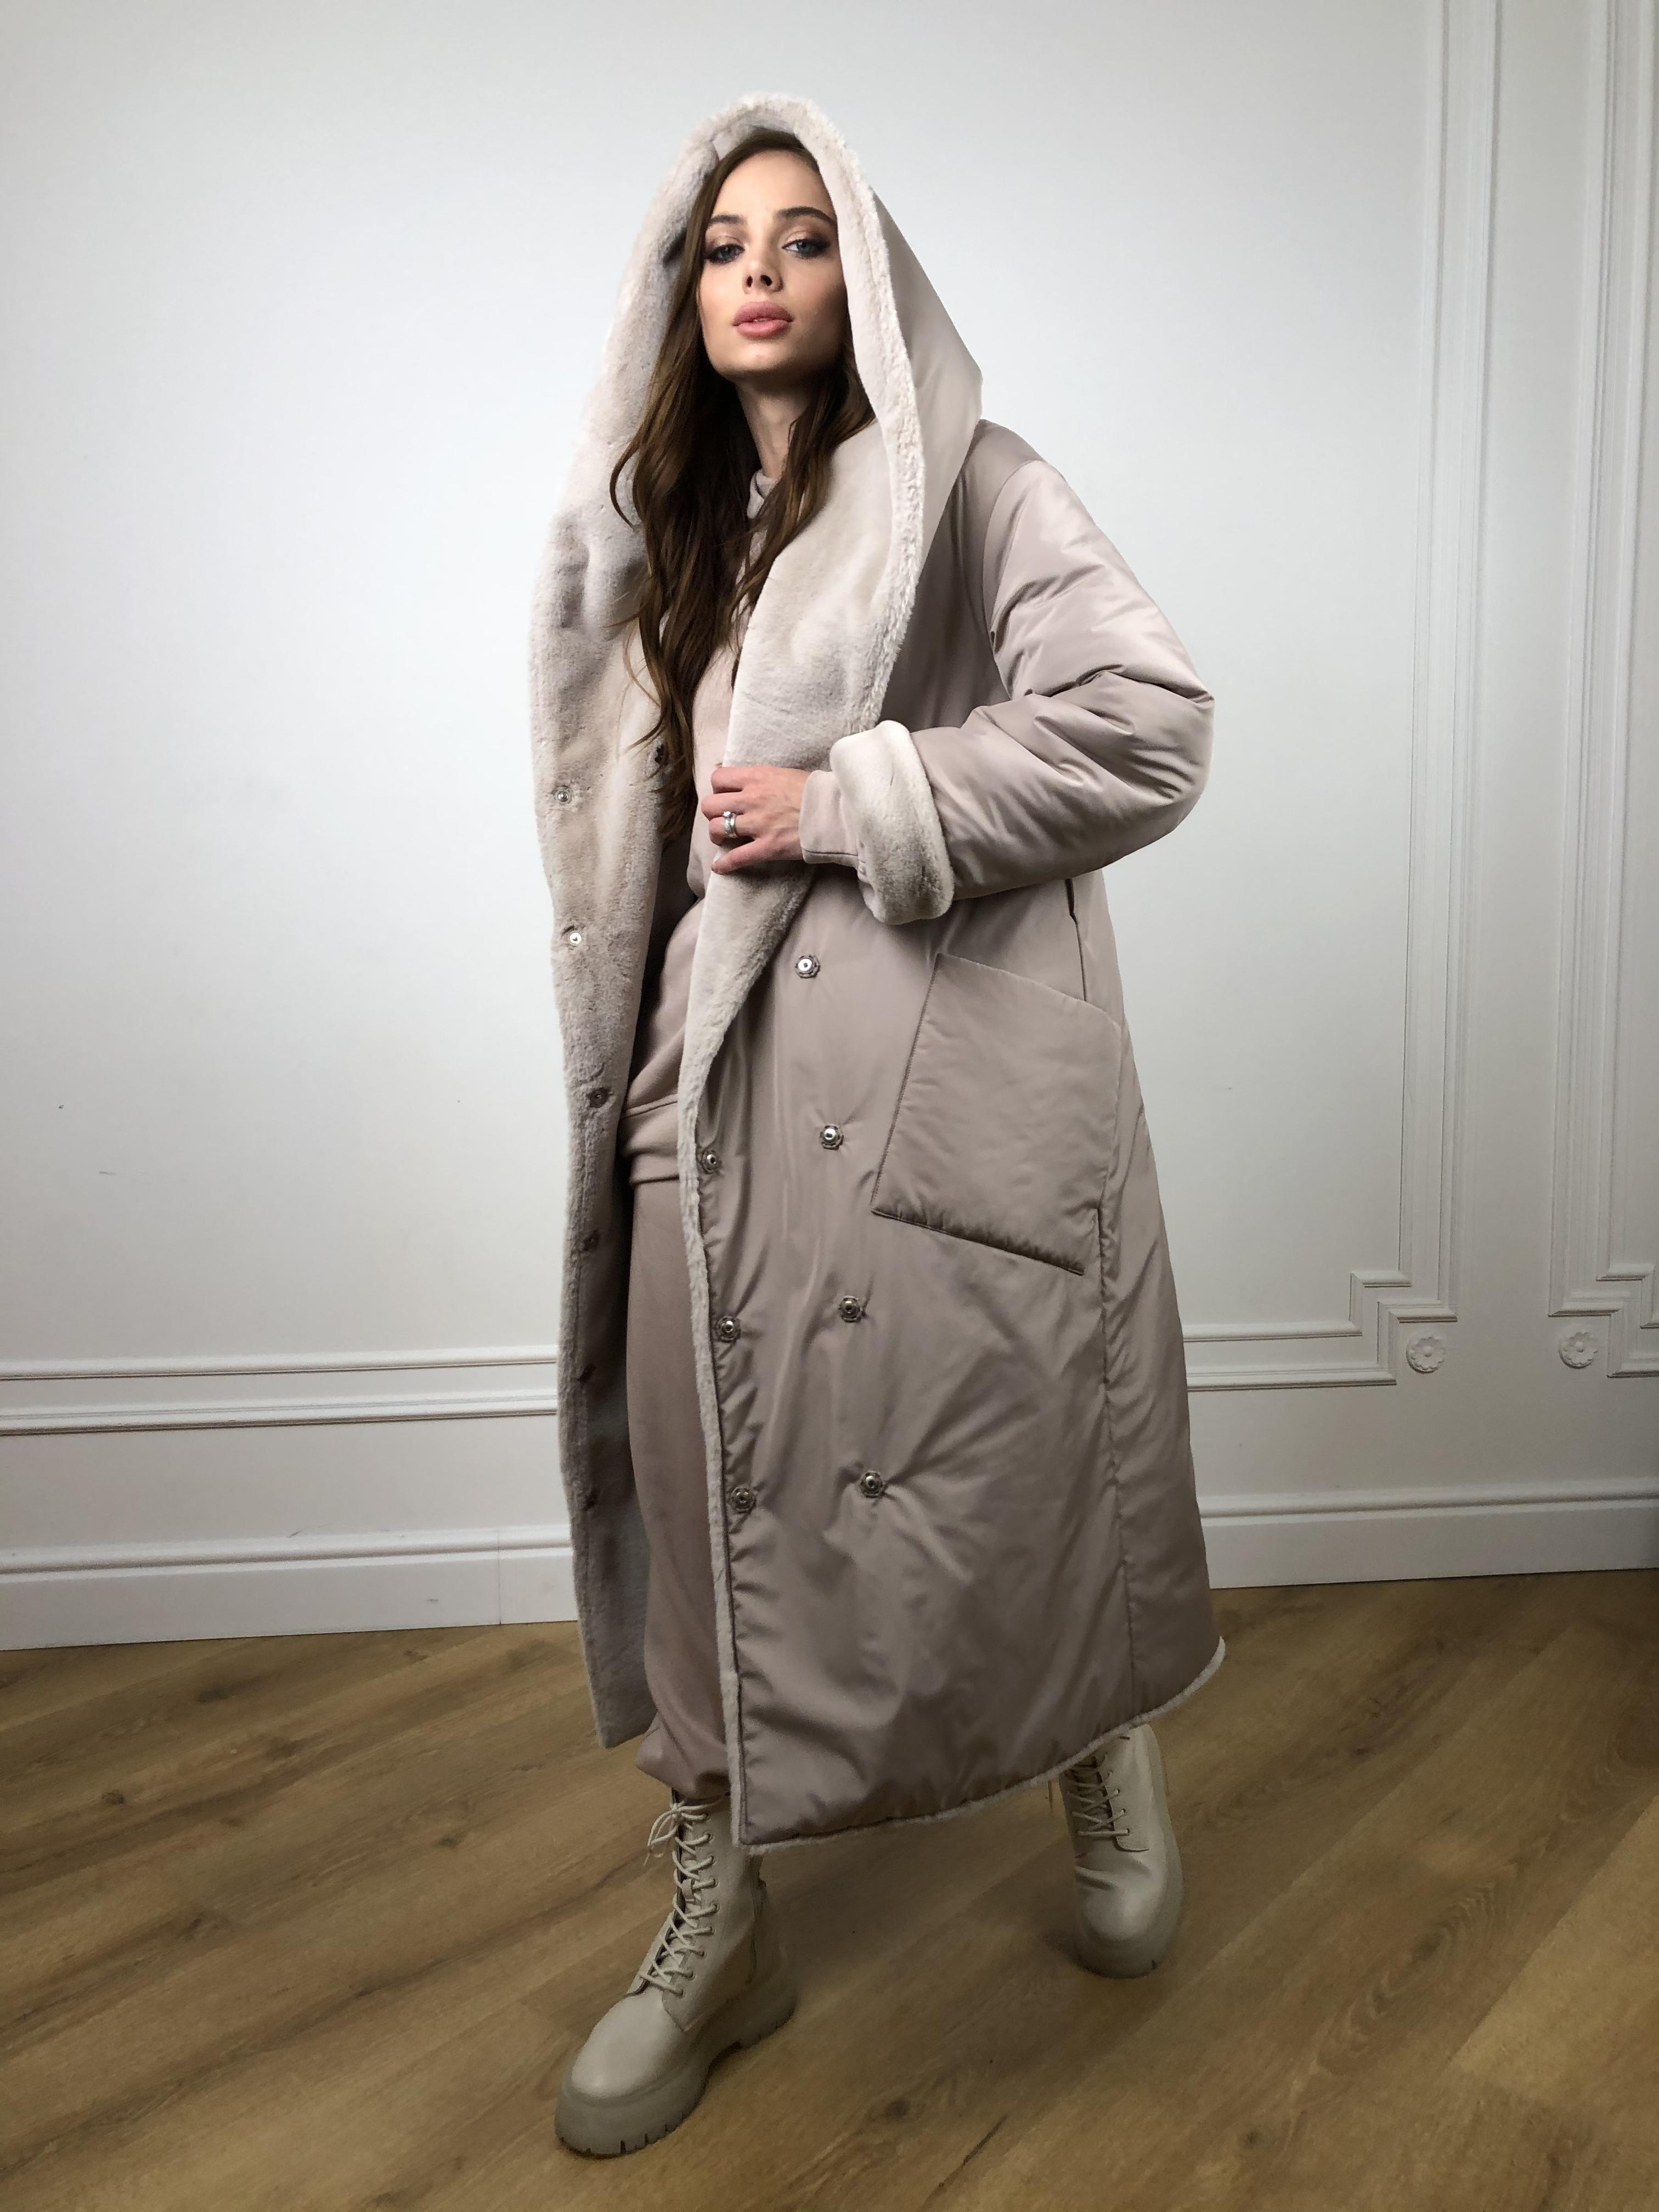 Сноу мех искуственный кролик   плащевка Канада зима пальто 10346 АРТ. 46646 Цвет: Св.серый/Кофе - фото 1, интернет магазин tm-modus.ru